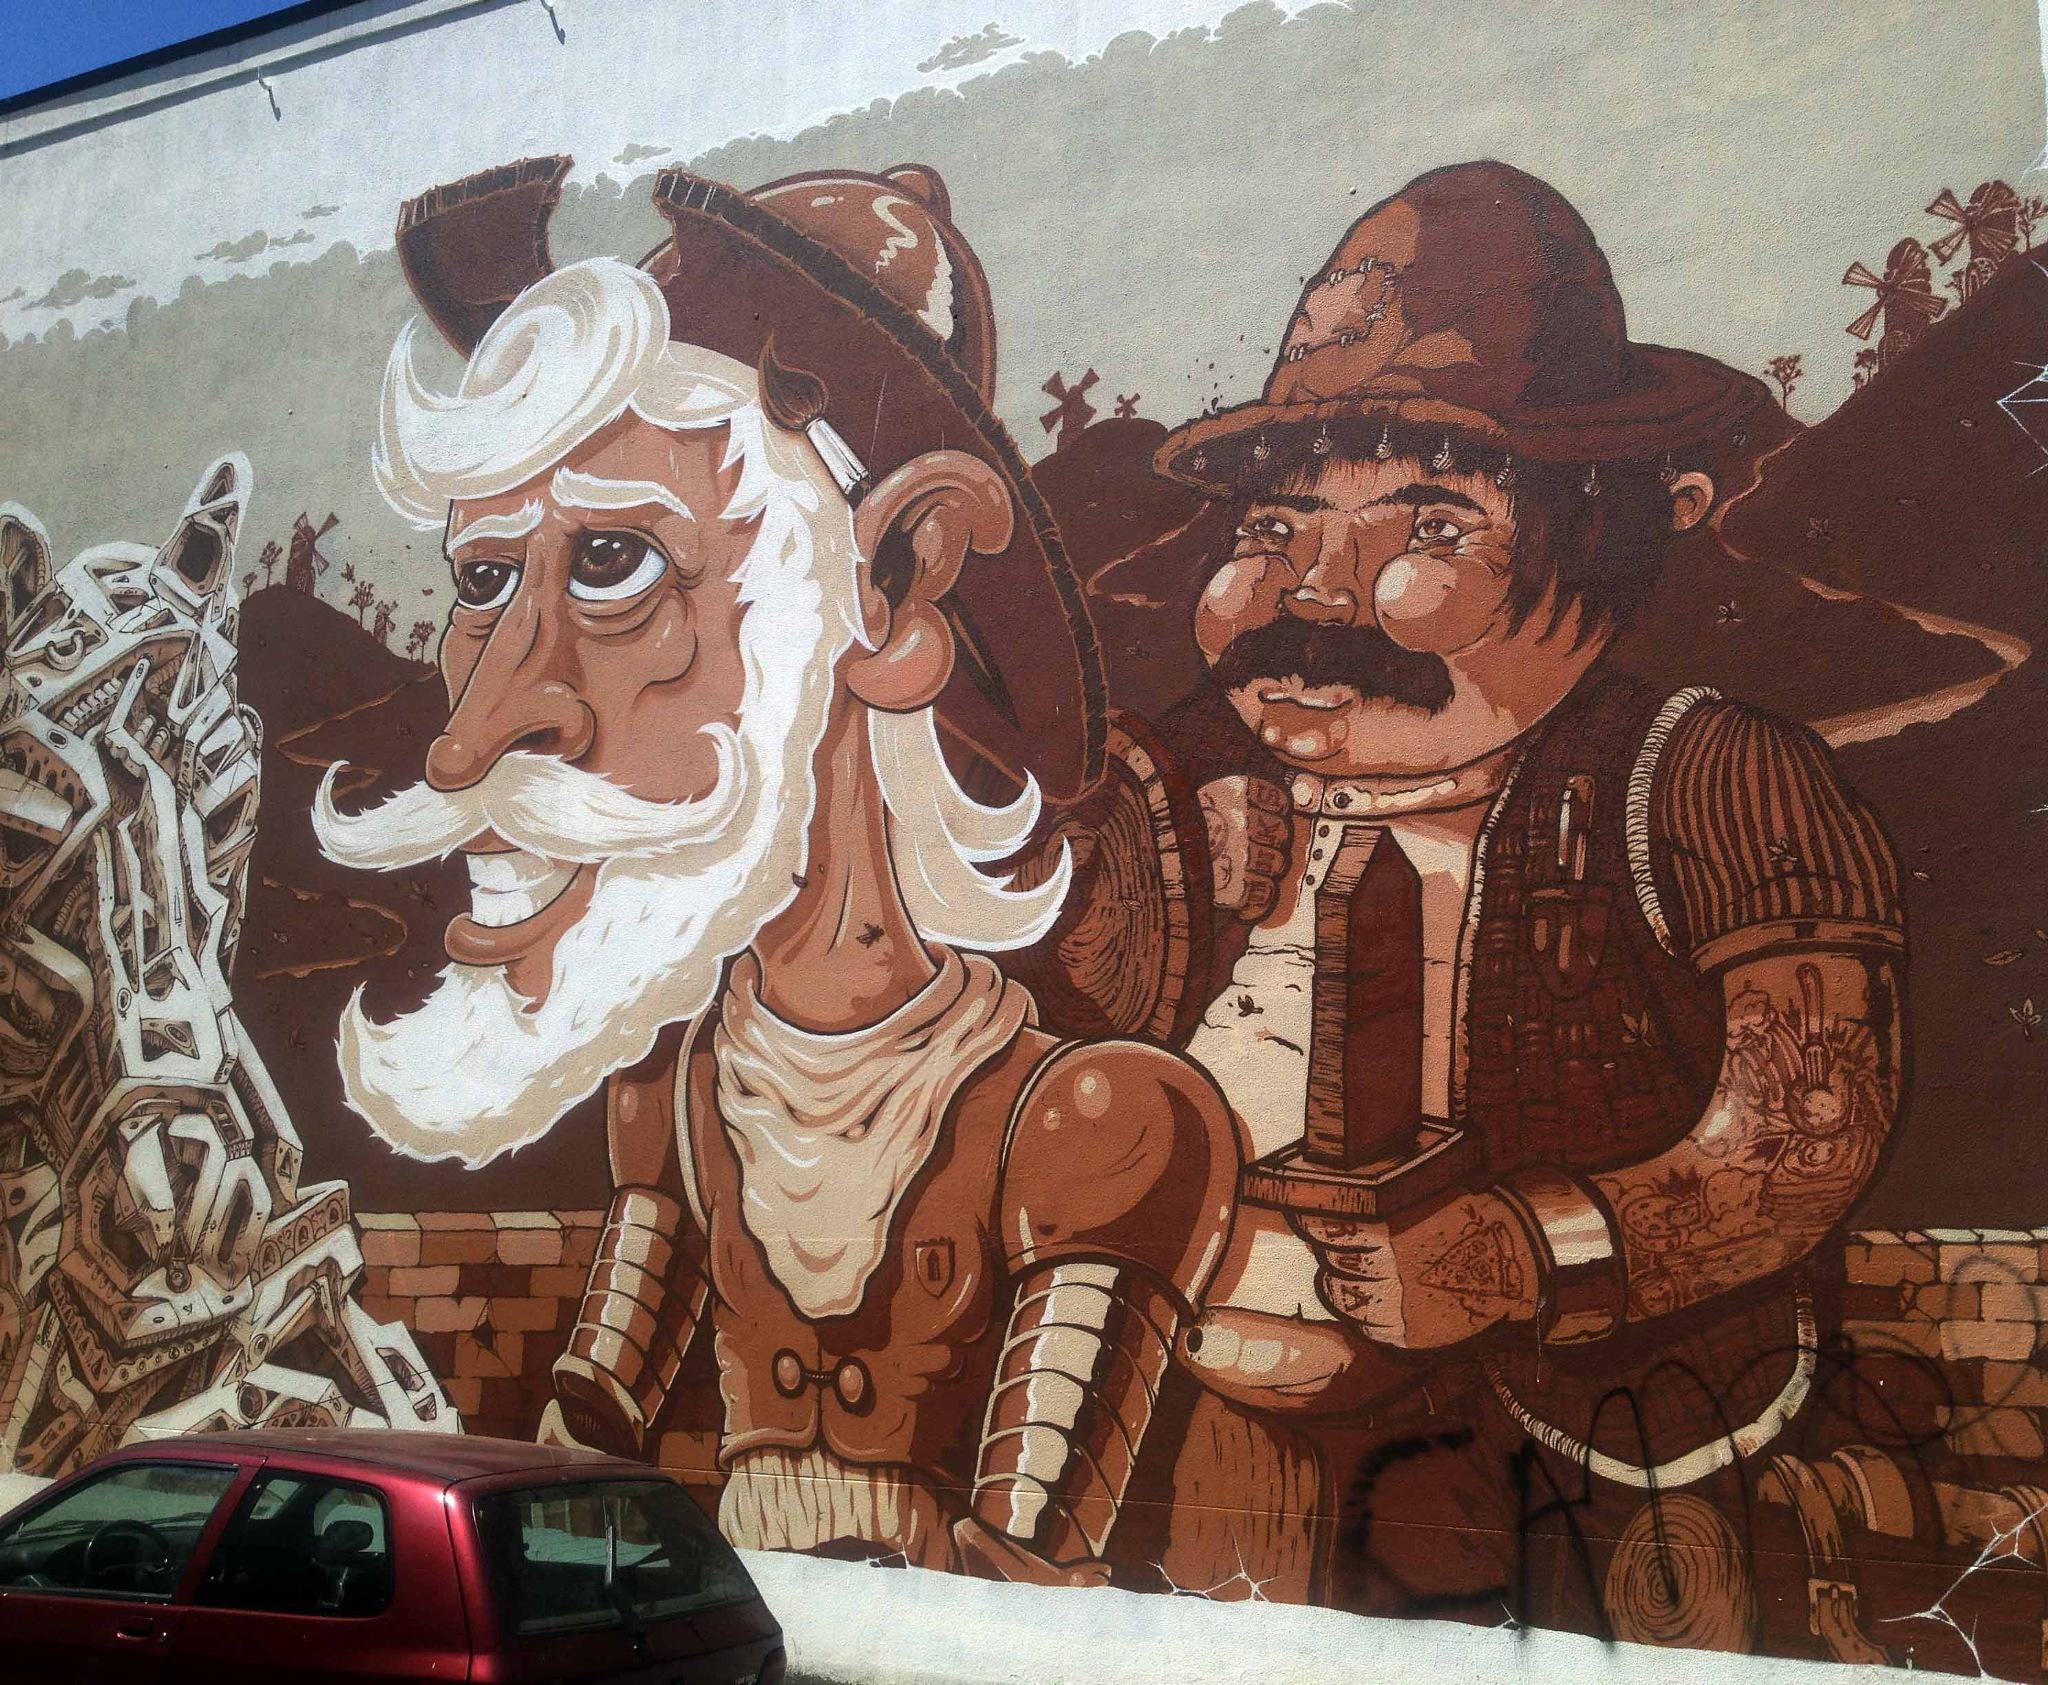 don quixote mural Porto by Ziffy